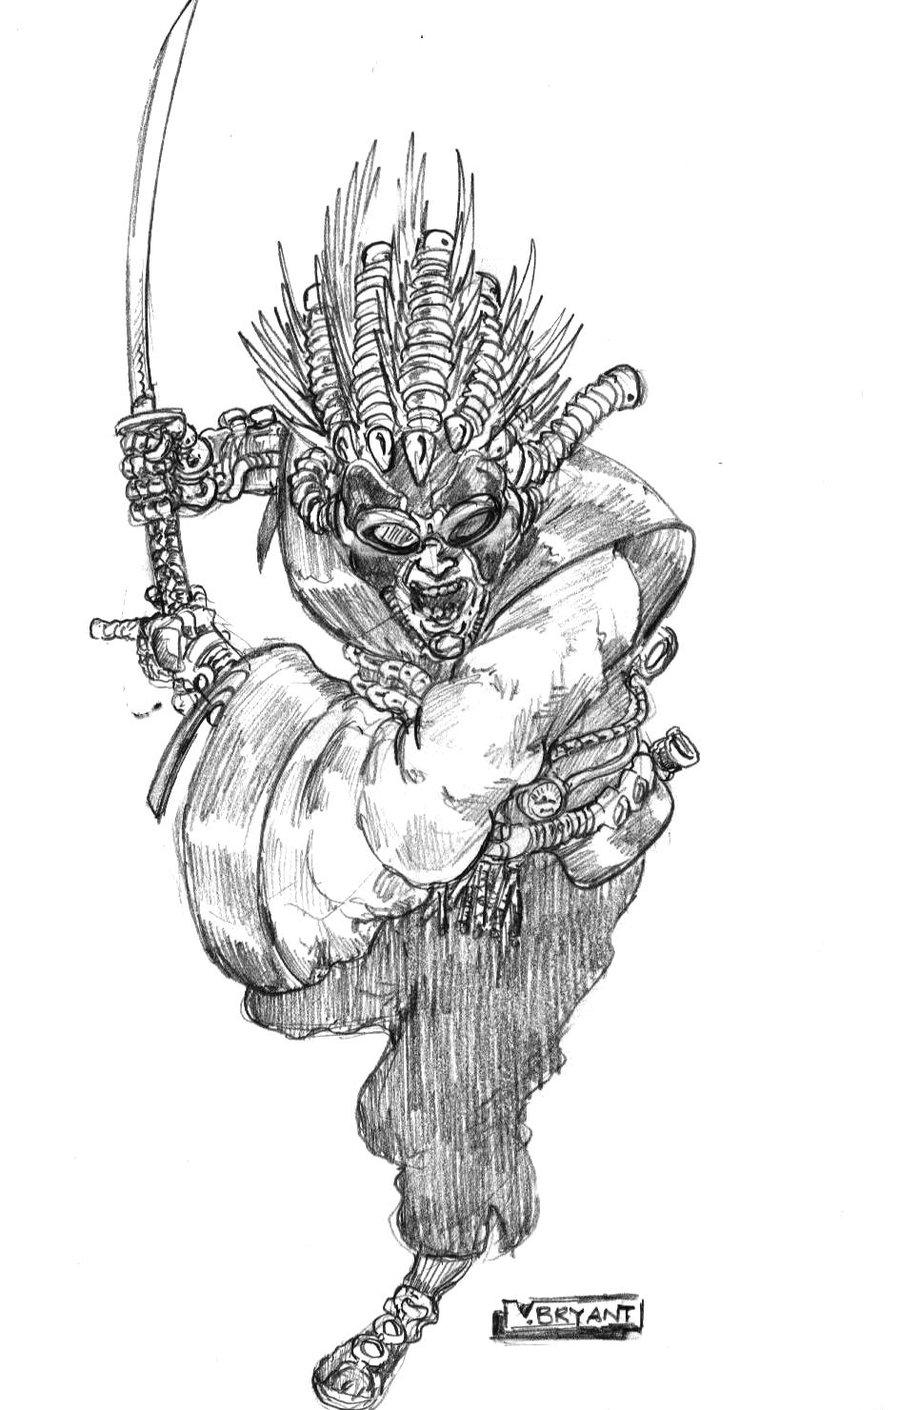 Drawn samurai steampunk DeviantArt by Steampunk VincentBryantArt Samurai